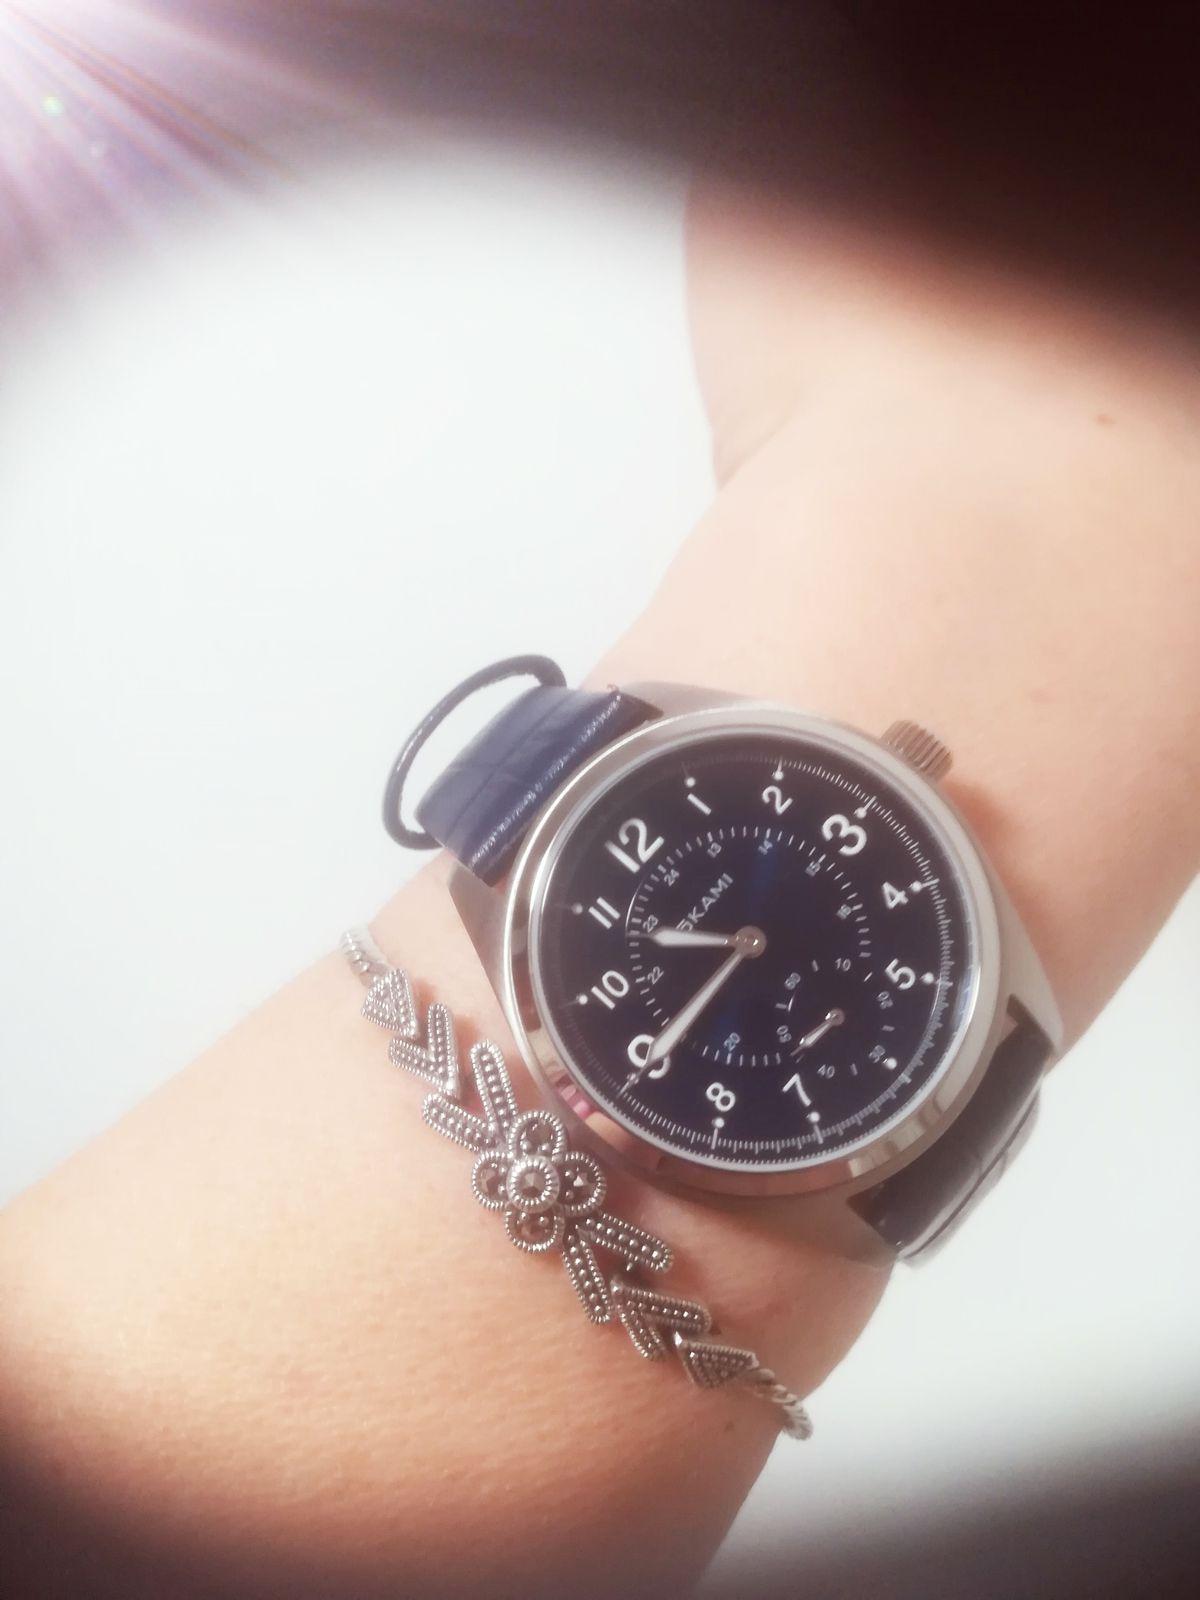 Часы супер, одела и не хочу снимать